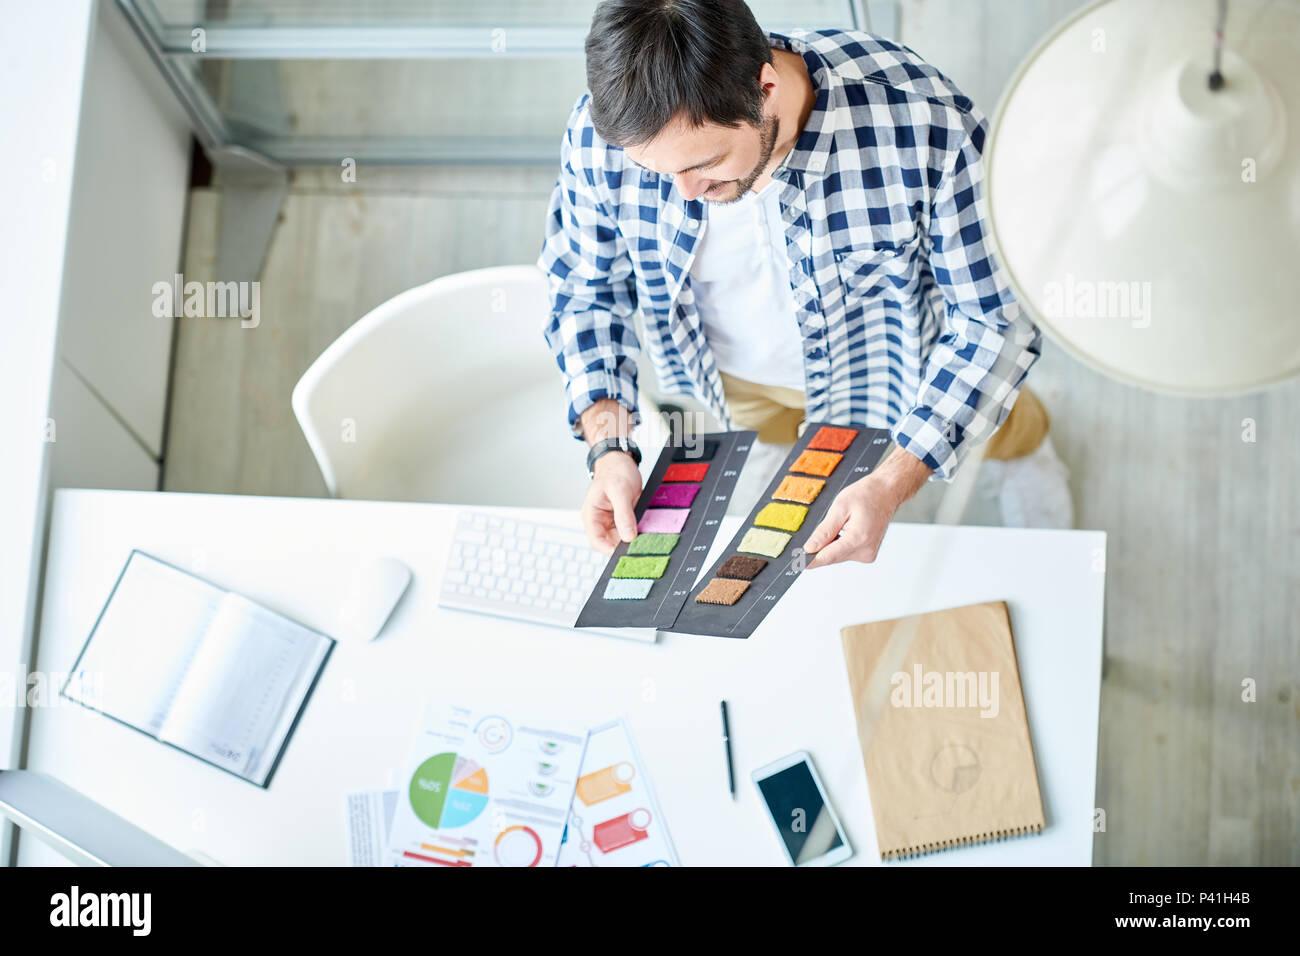 Kreative Stylisten arbeiten mit Paletten Stockbild